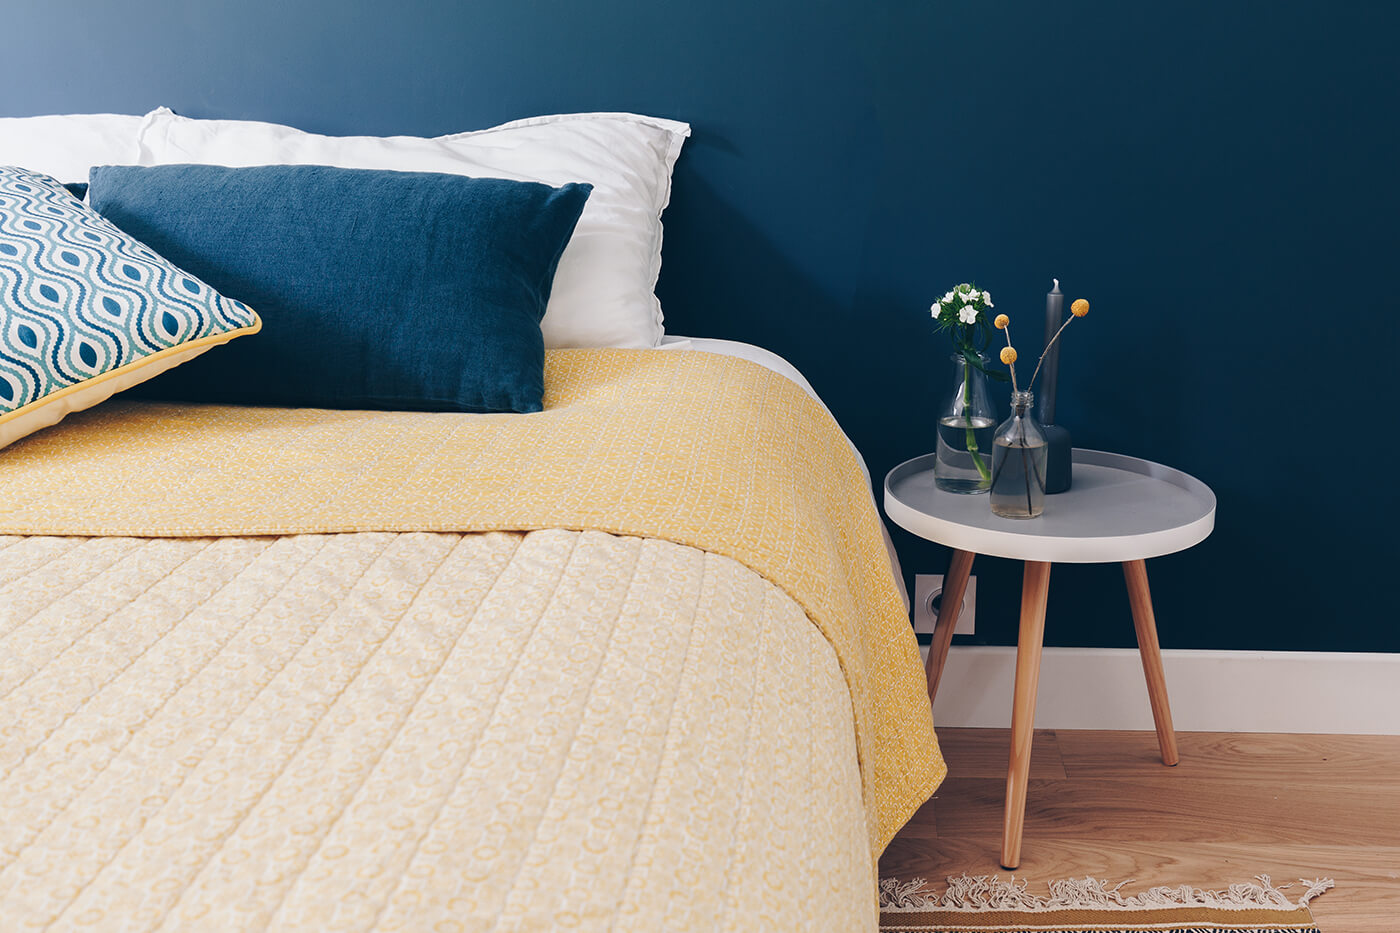 Mur bleu foncé dans la chambre